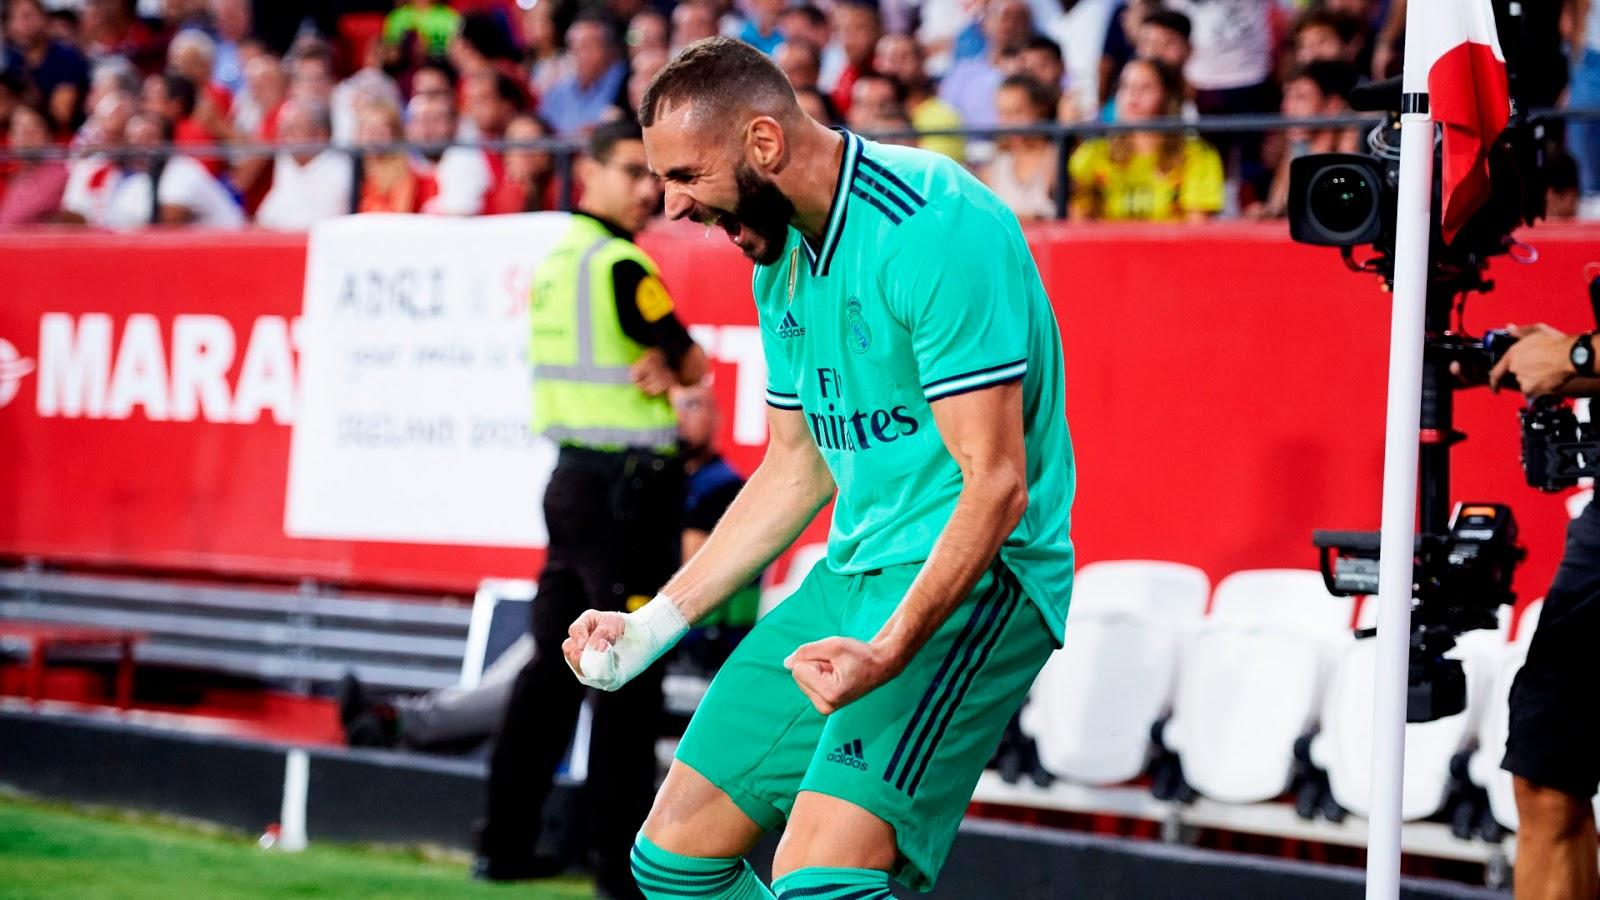 نتيجة مباراة أوساسونا وريال مدريد بتاريخ 09-02-2020 الدوري الاسباني